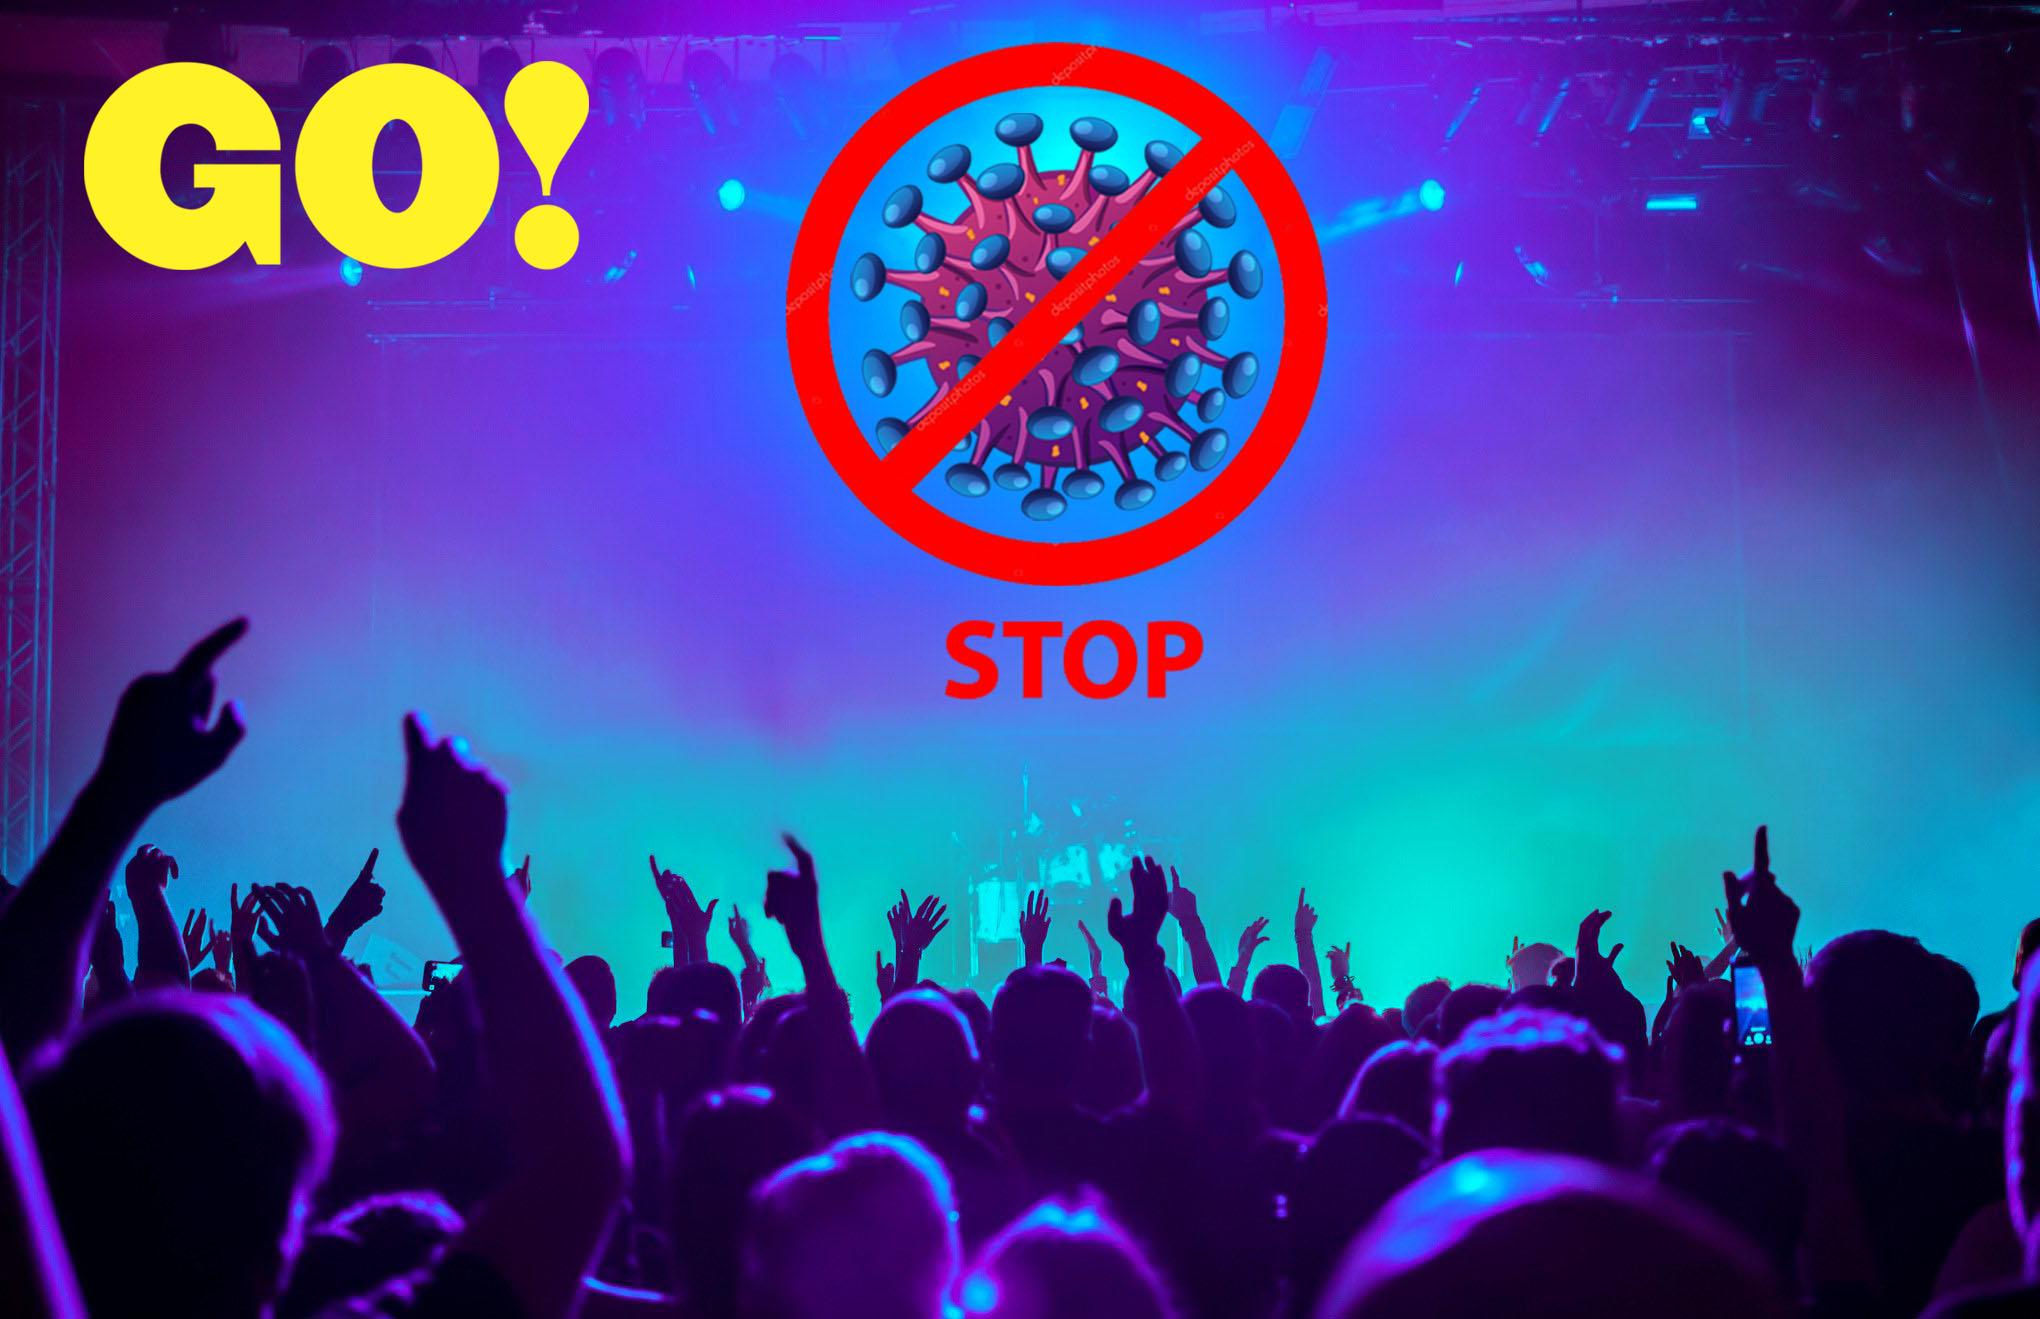 Aplazamiento y cancelación de eventos y actividades de cultura y ocio en Málaga a causa del Coronavirus